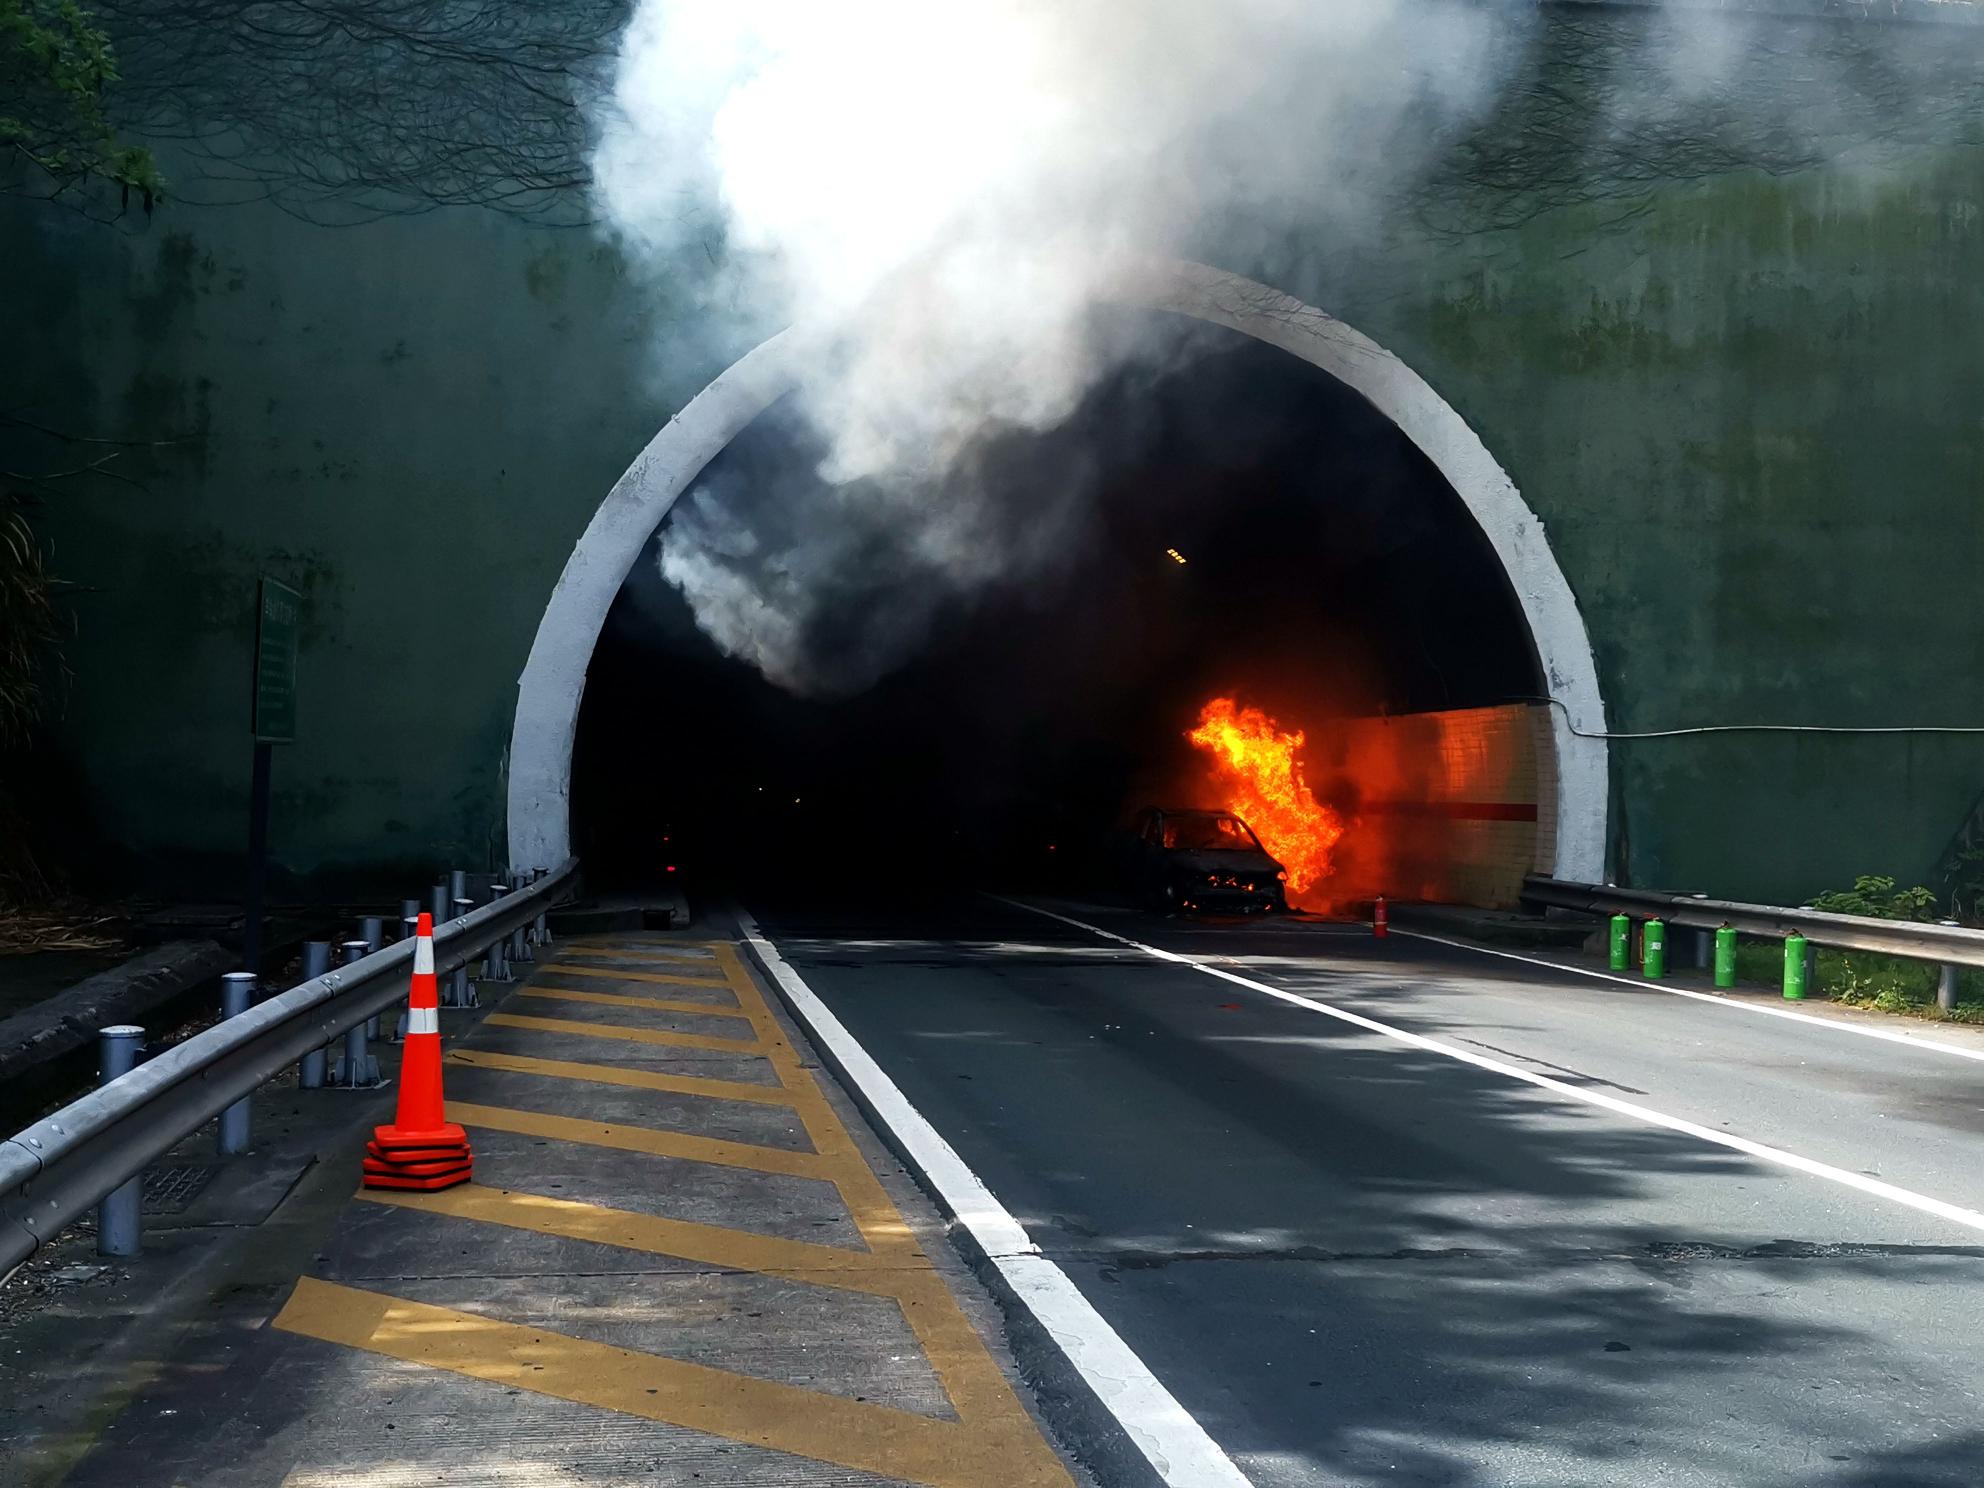 隧道内车辆突起火 巡查队员奋力扑救